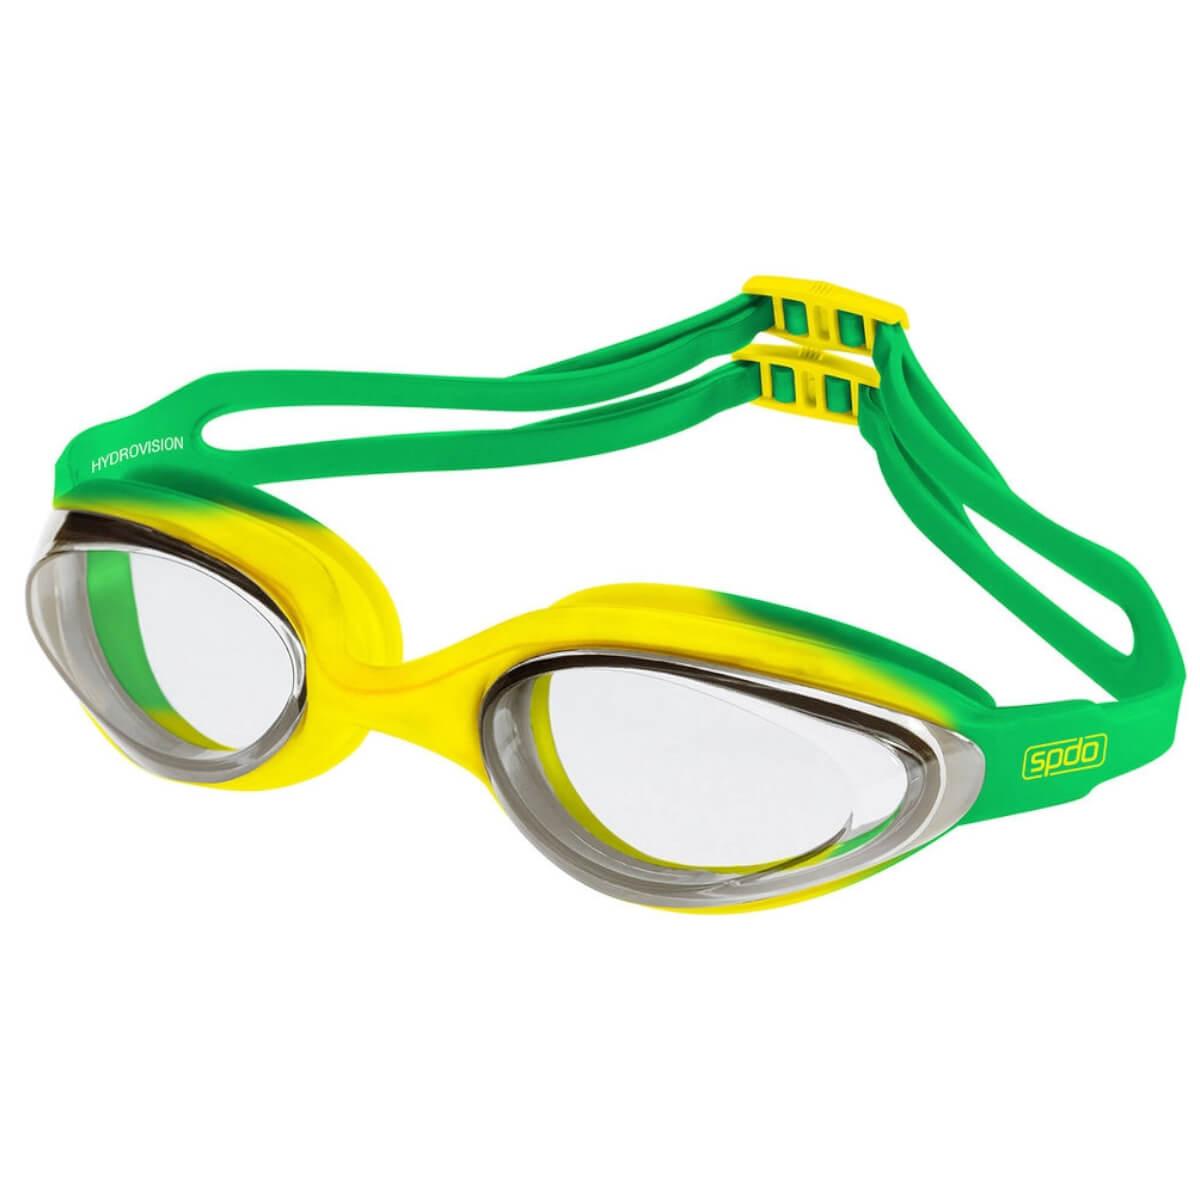 Óculos de Natação Speedo Hydrovision Brasil Lente Cristal